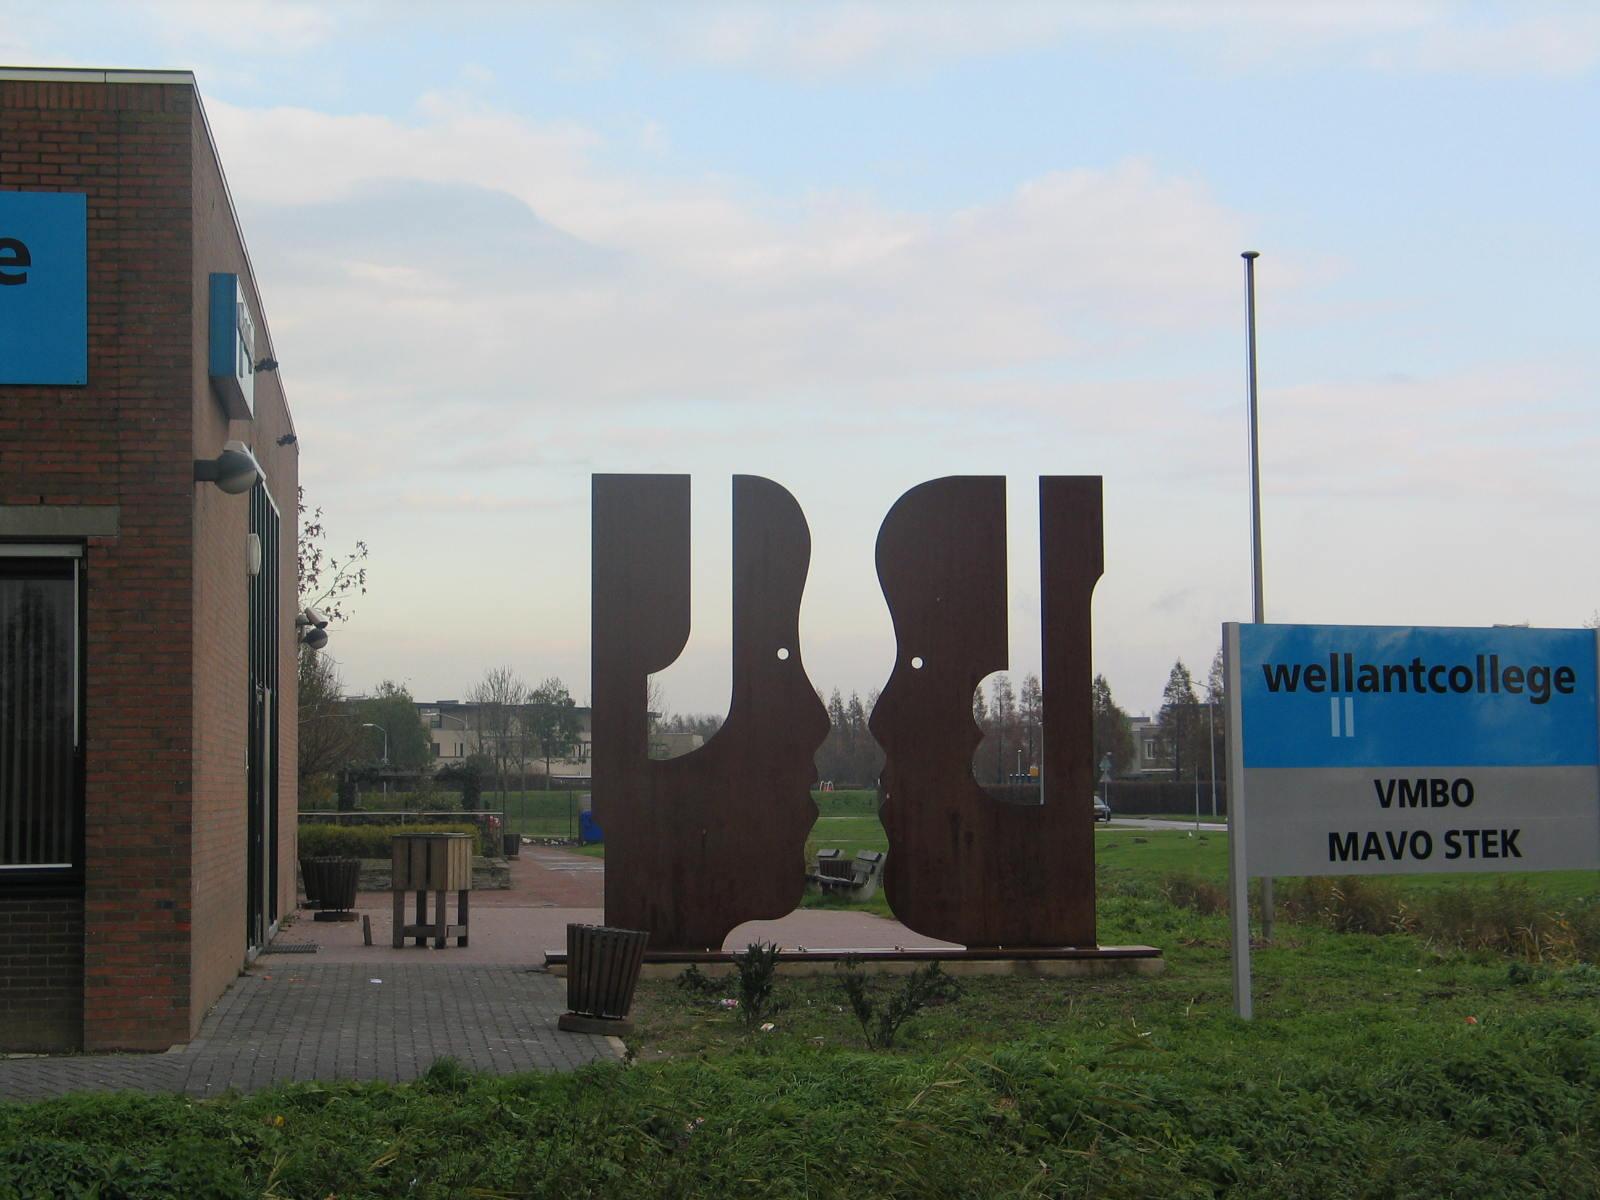 Beeld voor school Dordrecht - Rein Dool, 4x5 meter hoog. cortenstaal 2005